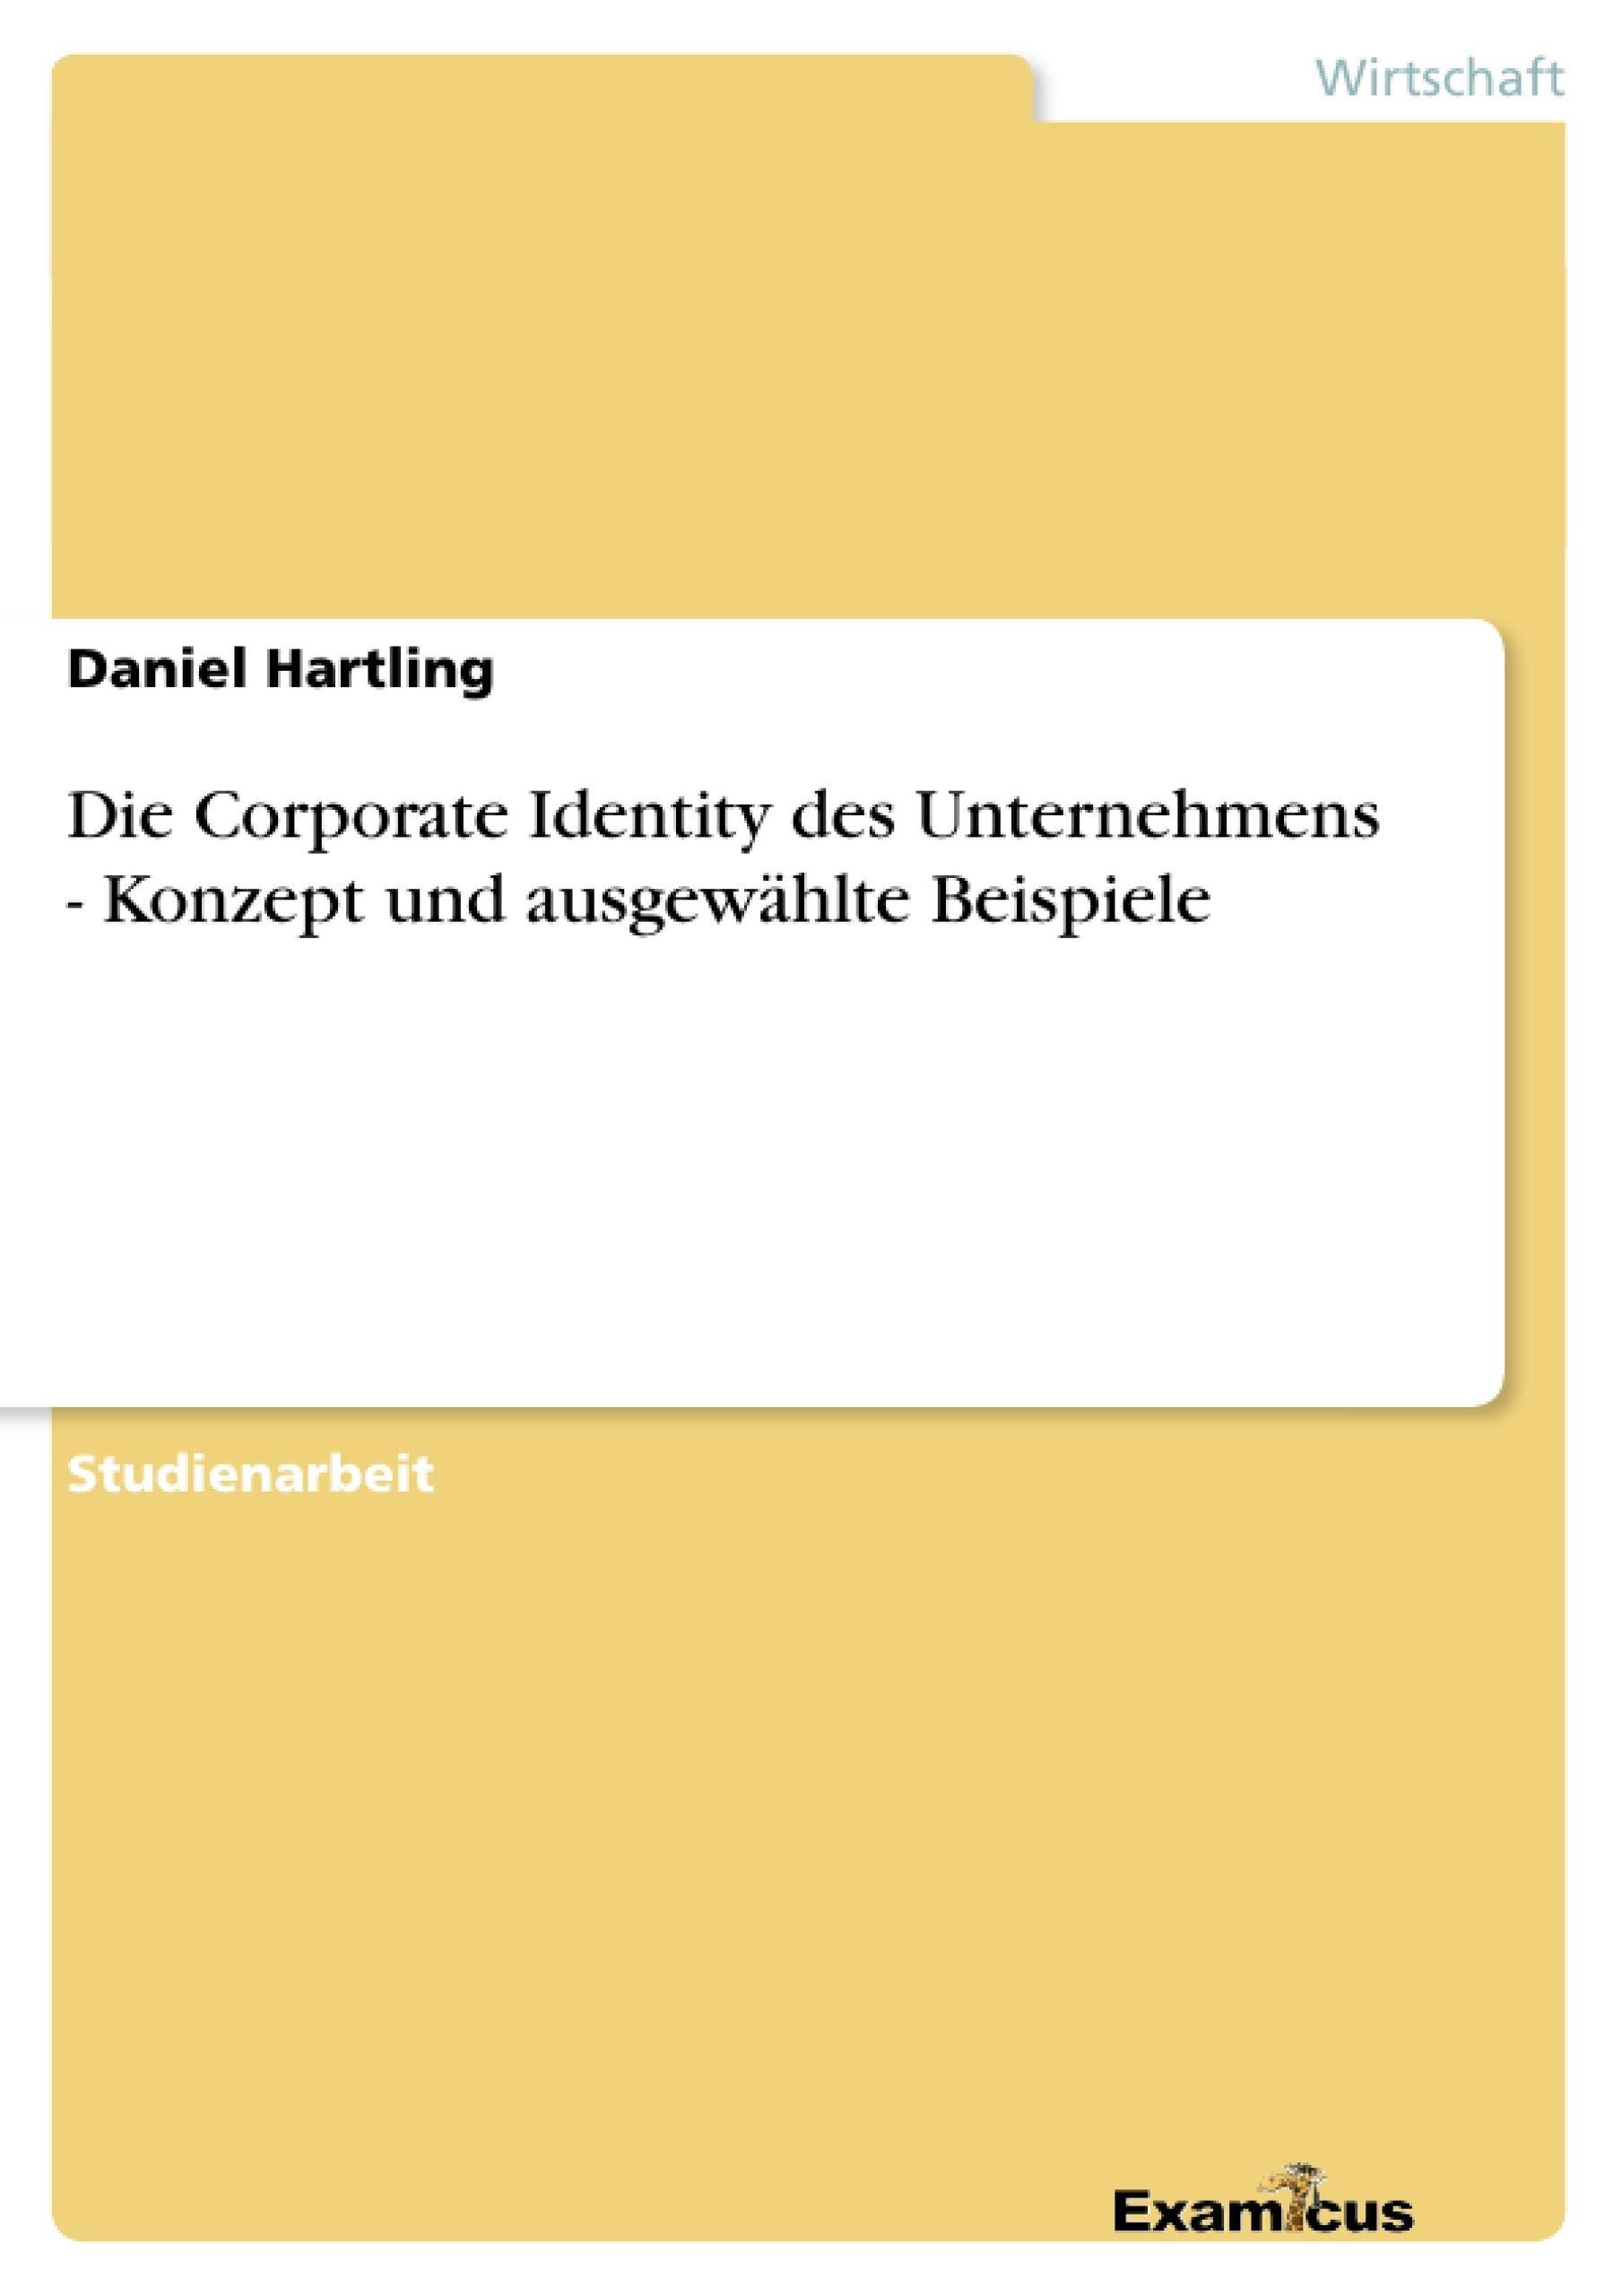 Titel: Die Corporate Identity des Unternehmens - Konzept und ausgewählte Beispiele